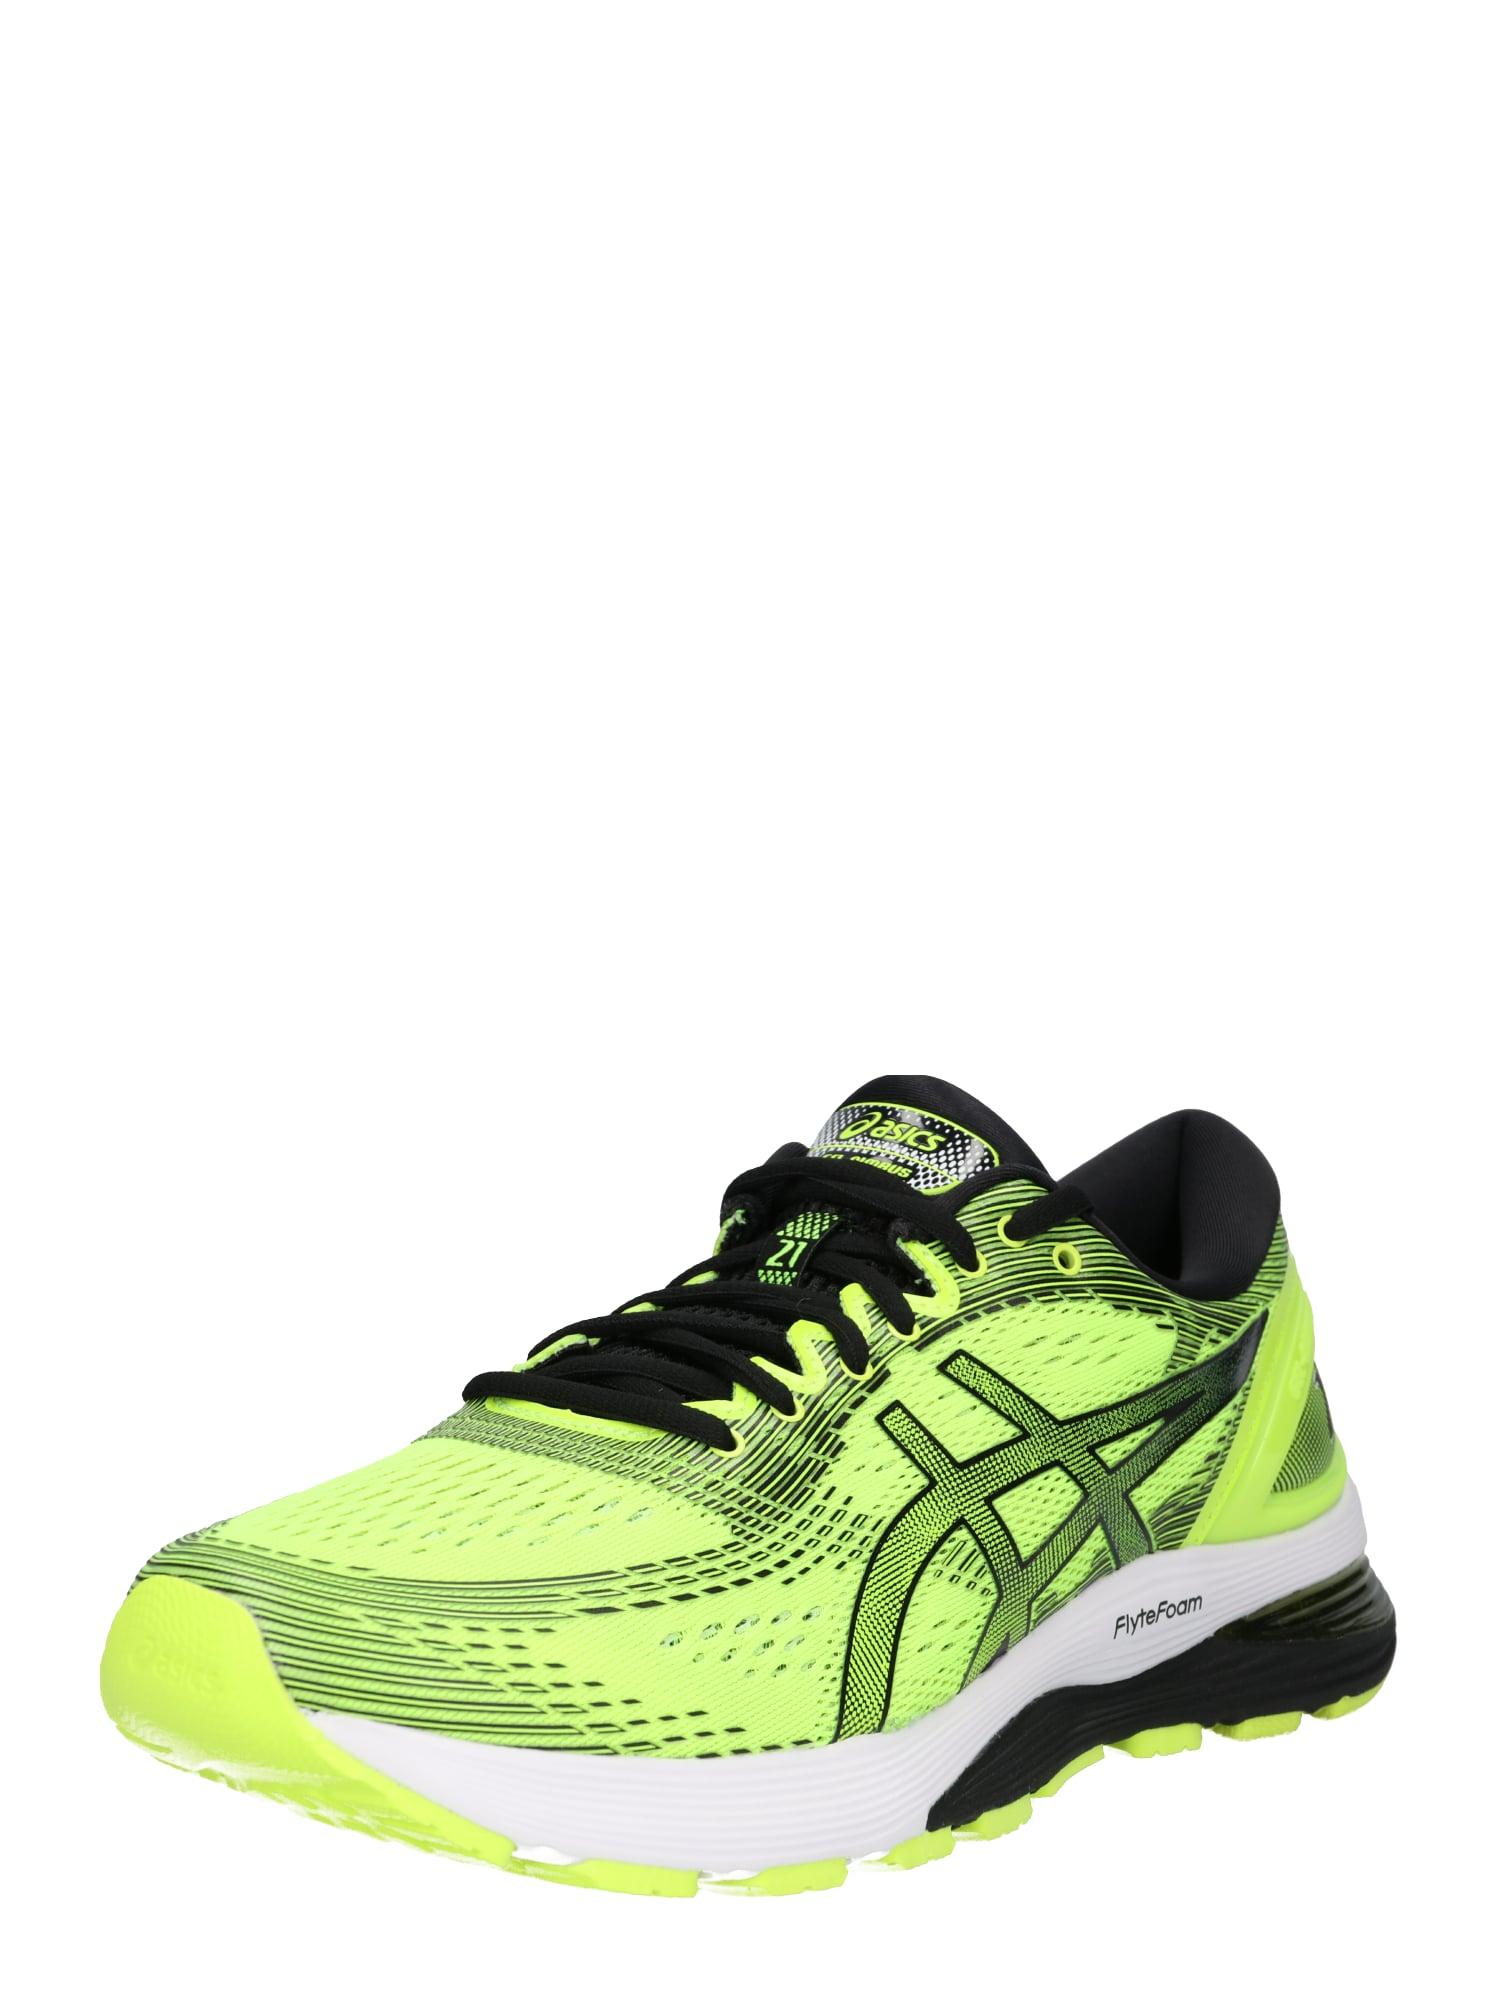 Běžecká obuv Gel-Nimbus 21 žlutá černá bílá ASICS